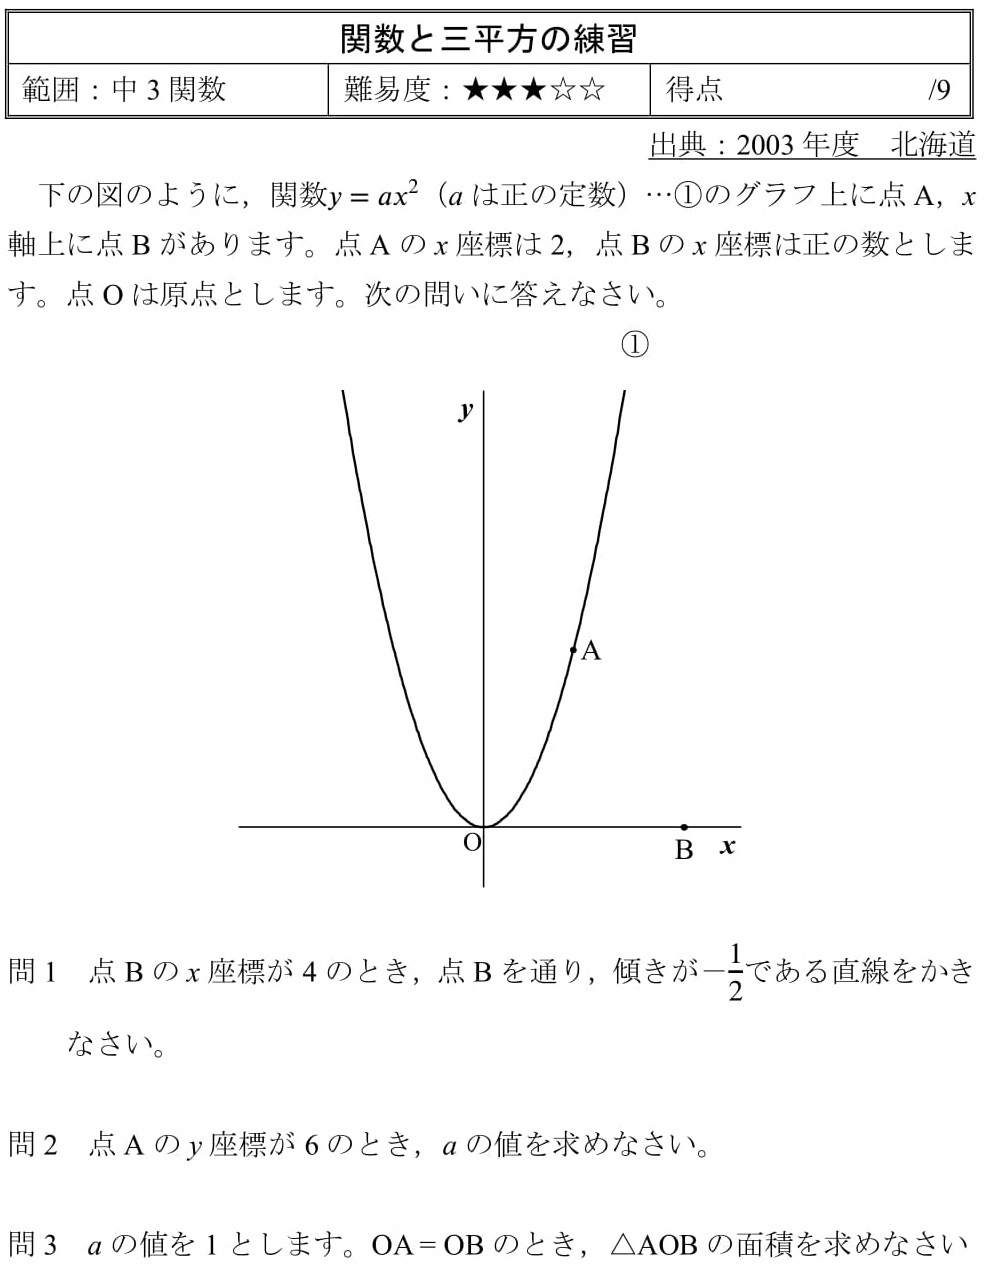 2003 北海道 高校入試 関数